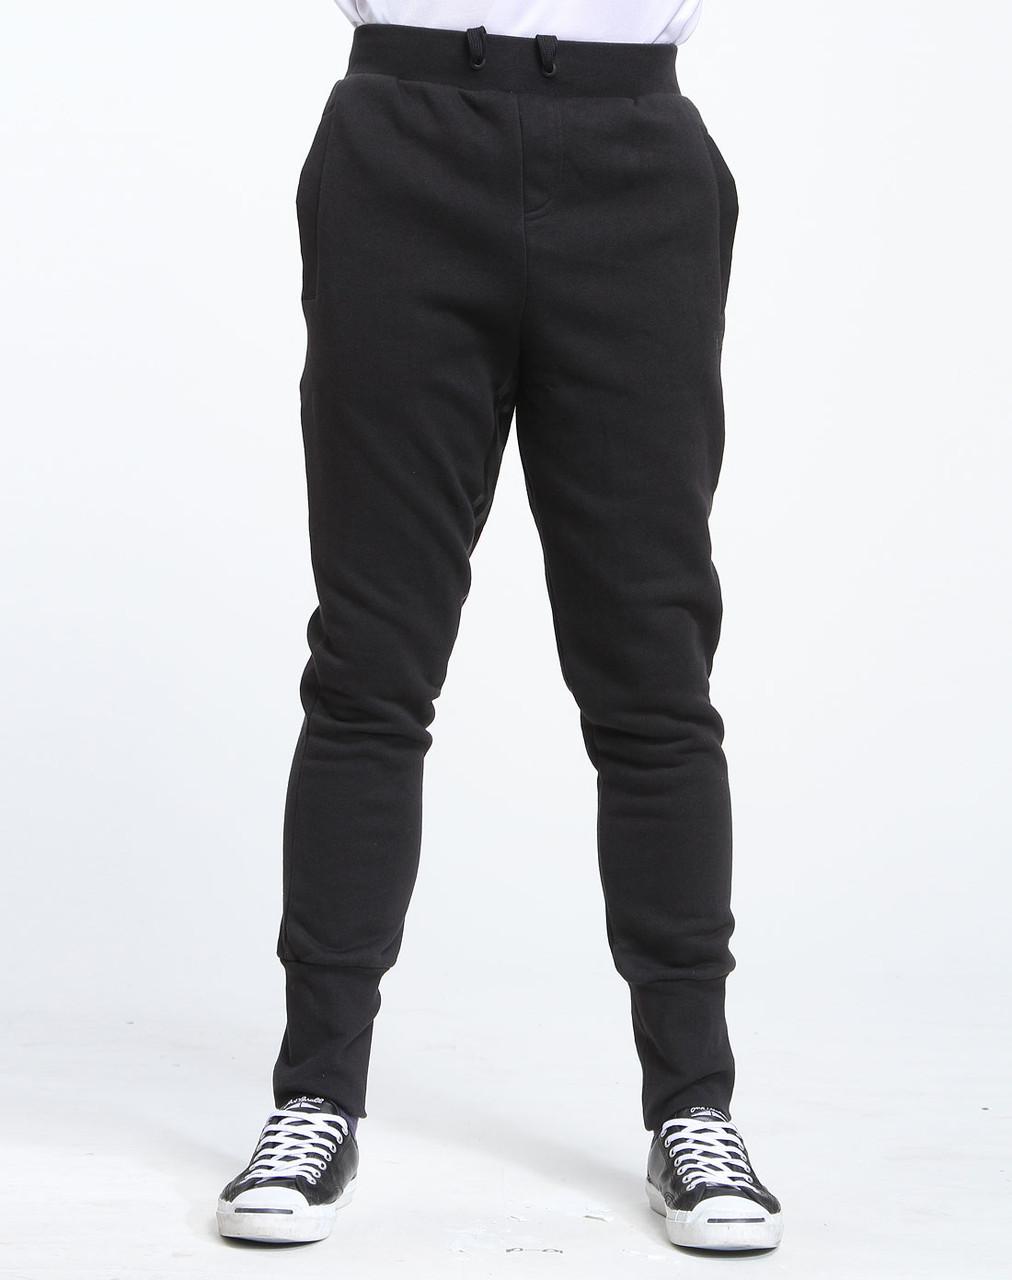 Брюки спортивные, мужские adidas adiS UrbanSweat O04255 адидас